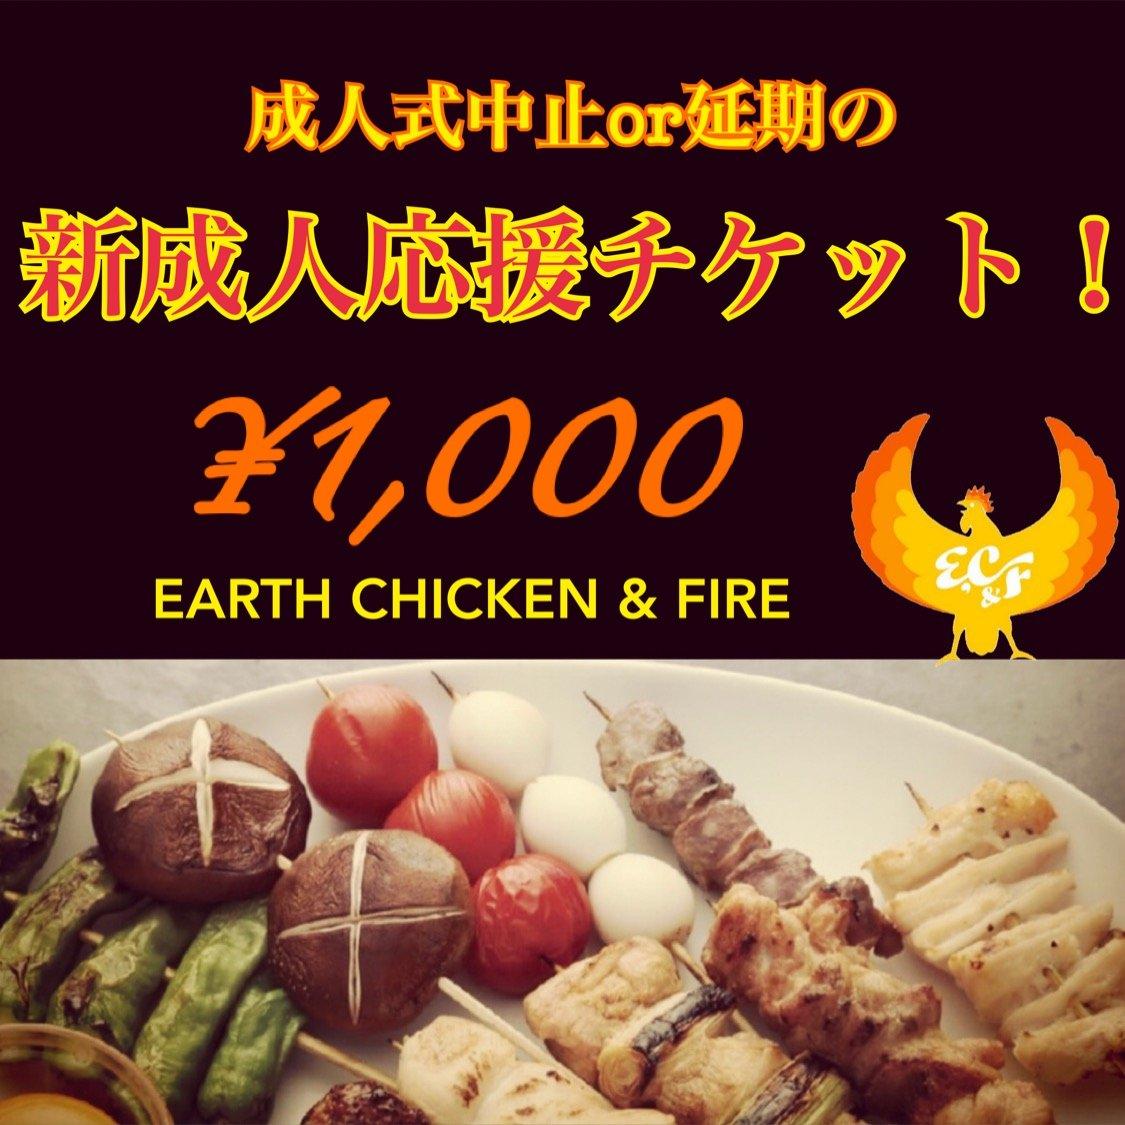 あなたの1000円が成人式中止延期の新成人へのお食事券になります!のイメージその1